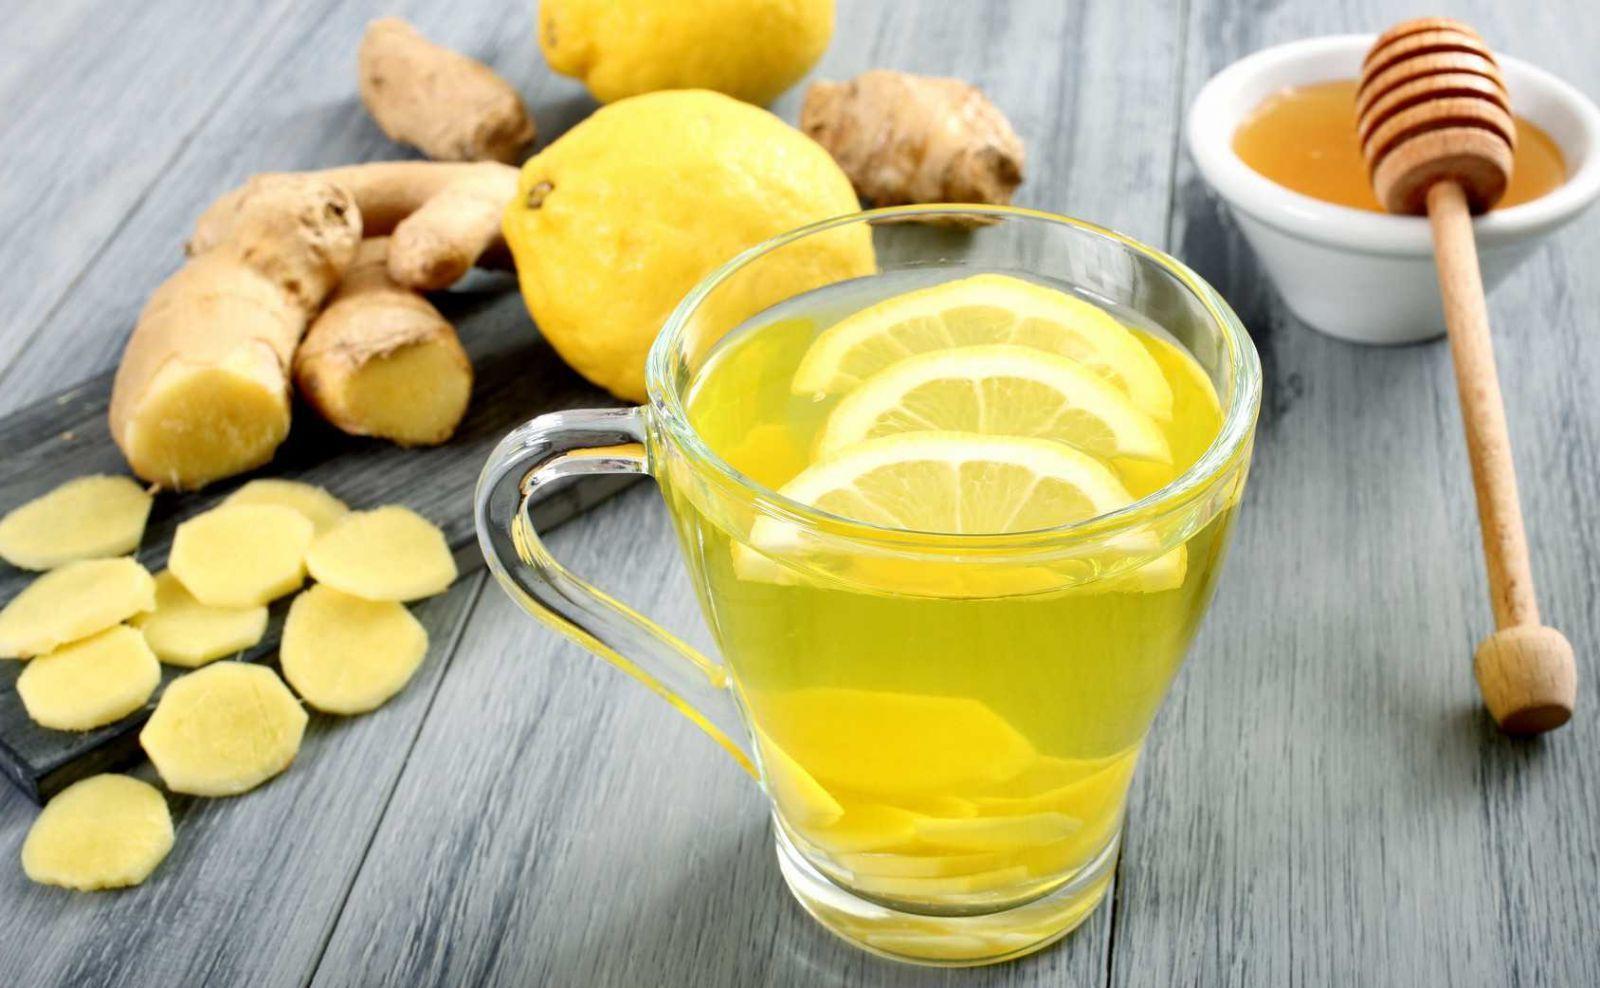 Целебная настойка (мед, имбирь, лимон)